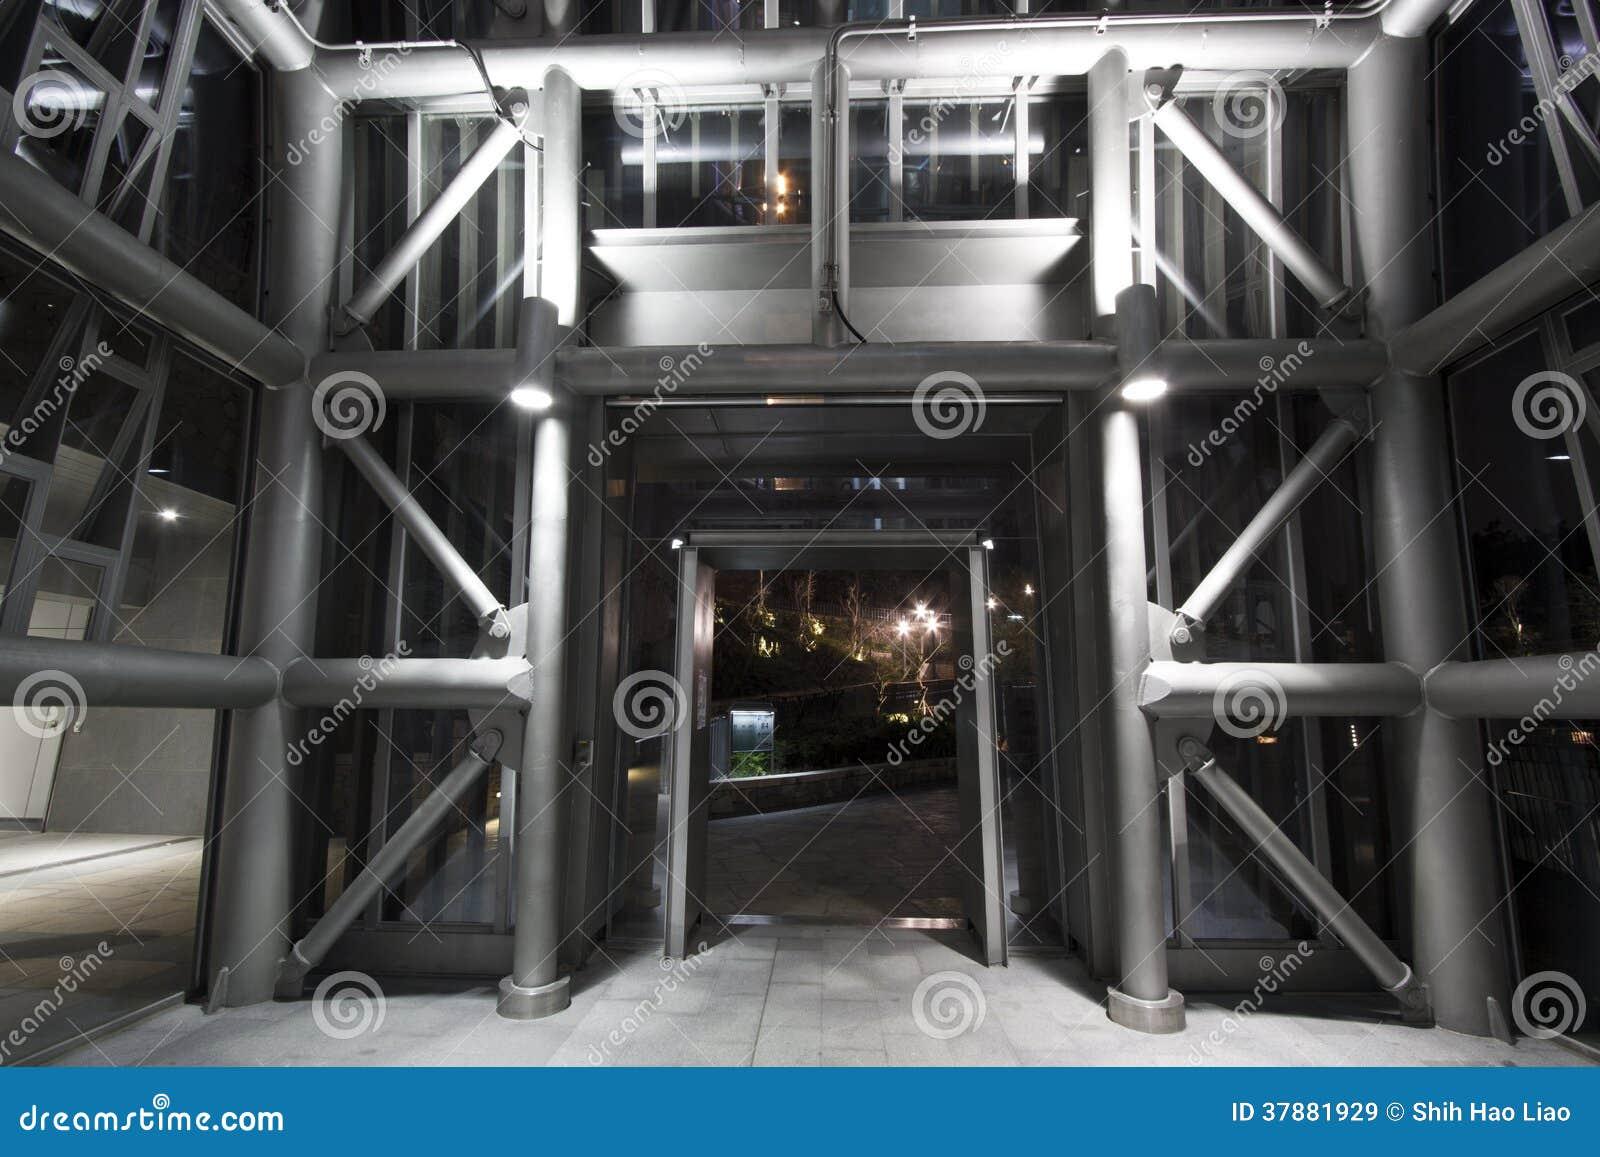 Structure de pylônes industrielle moderne en métal